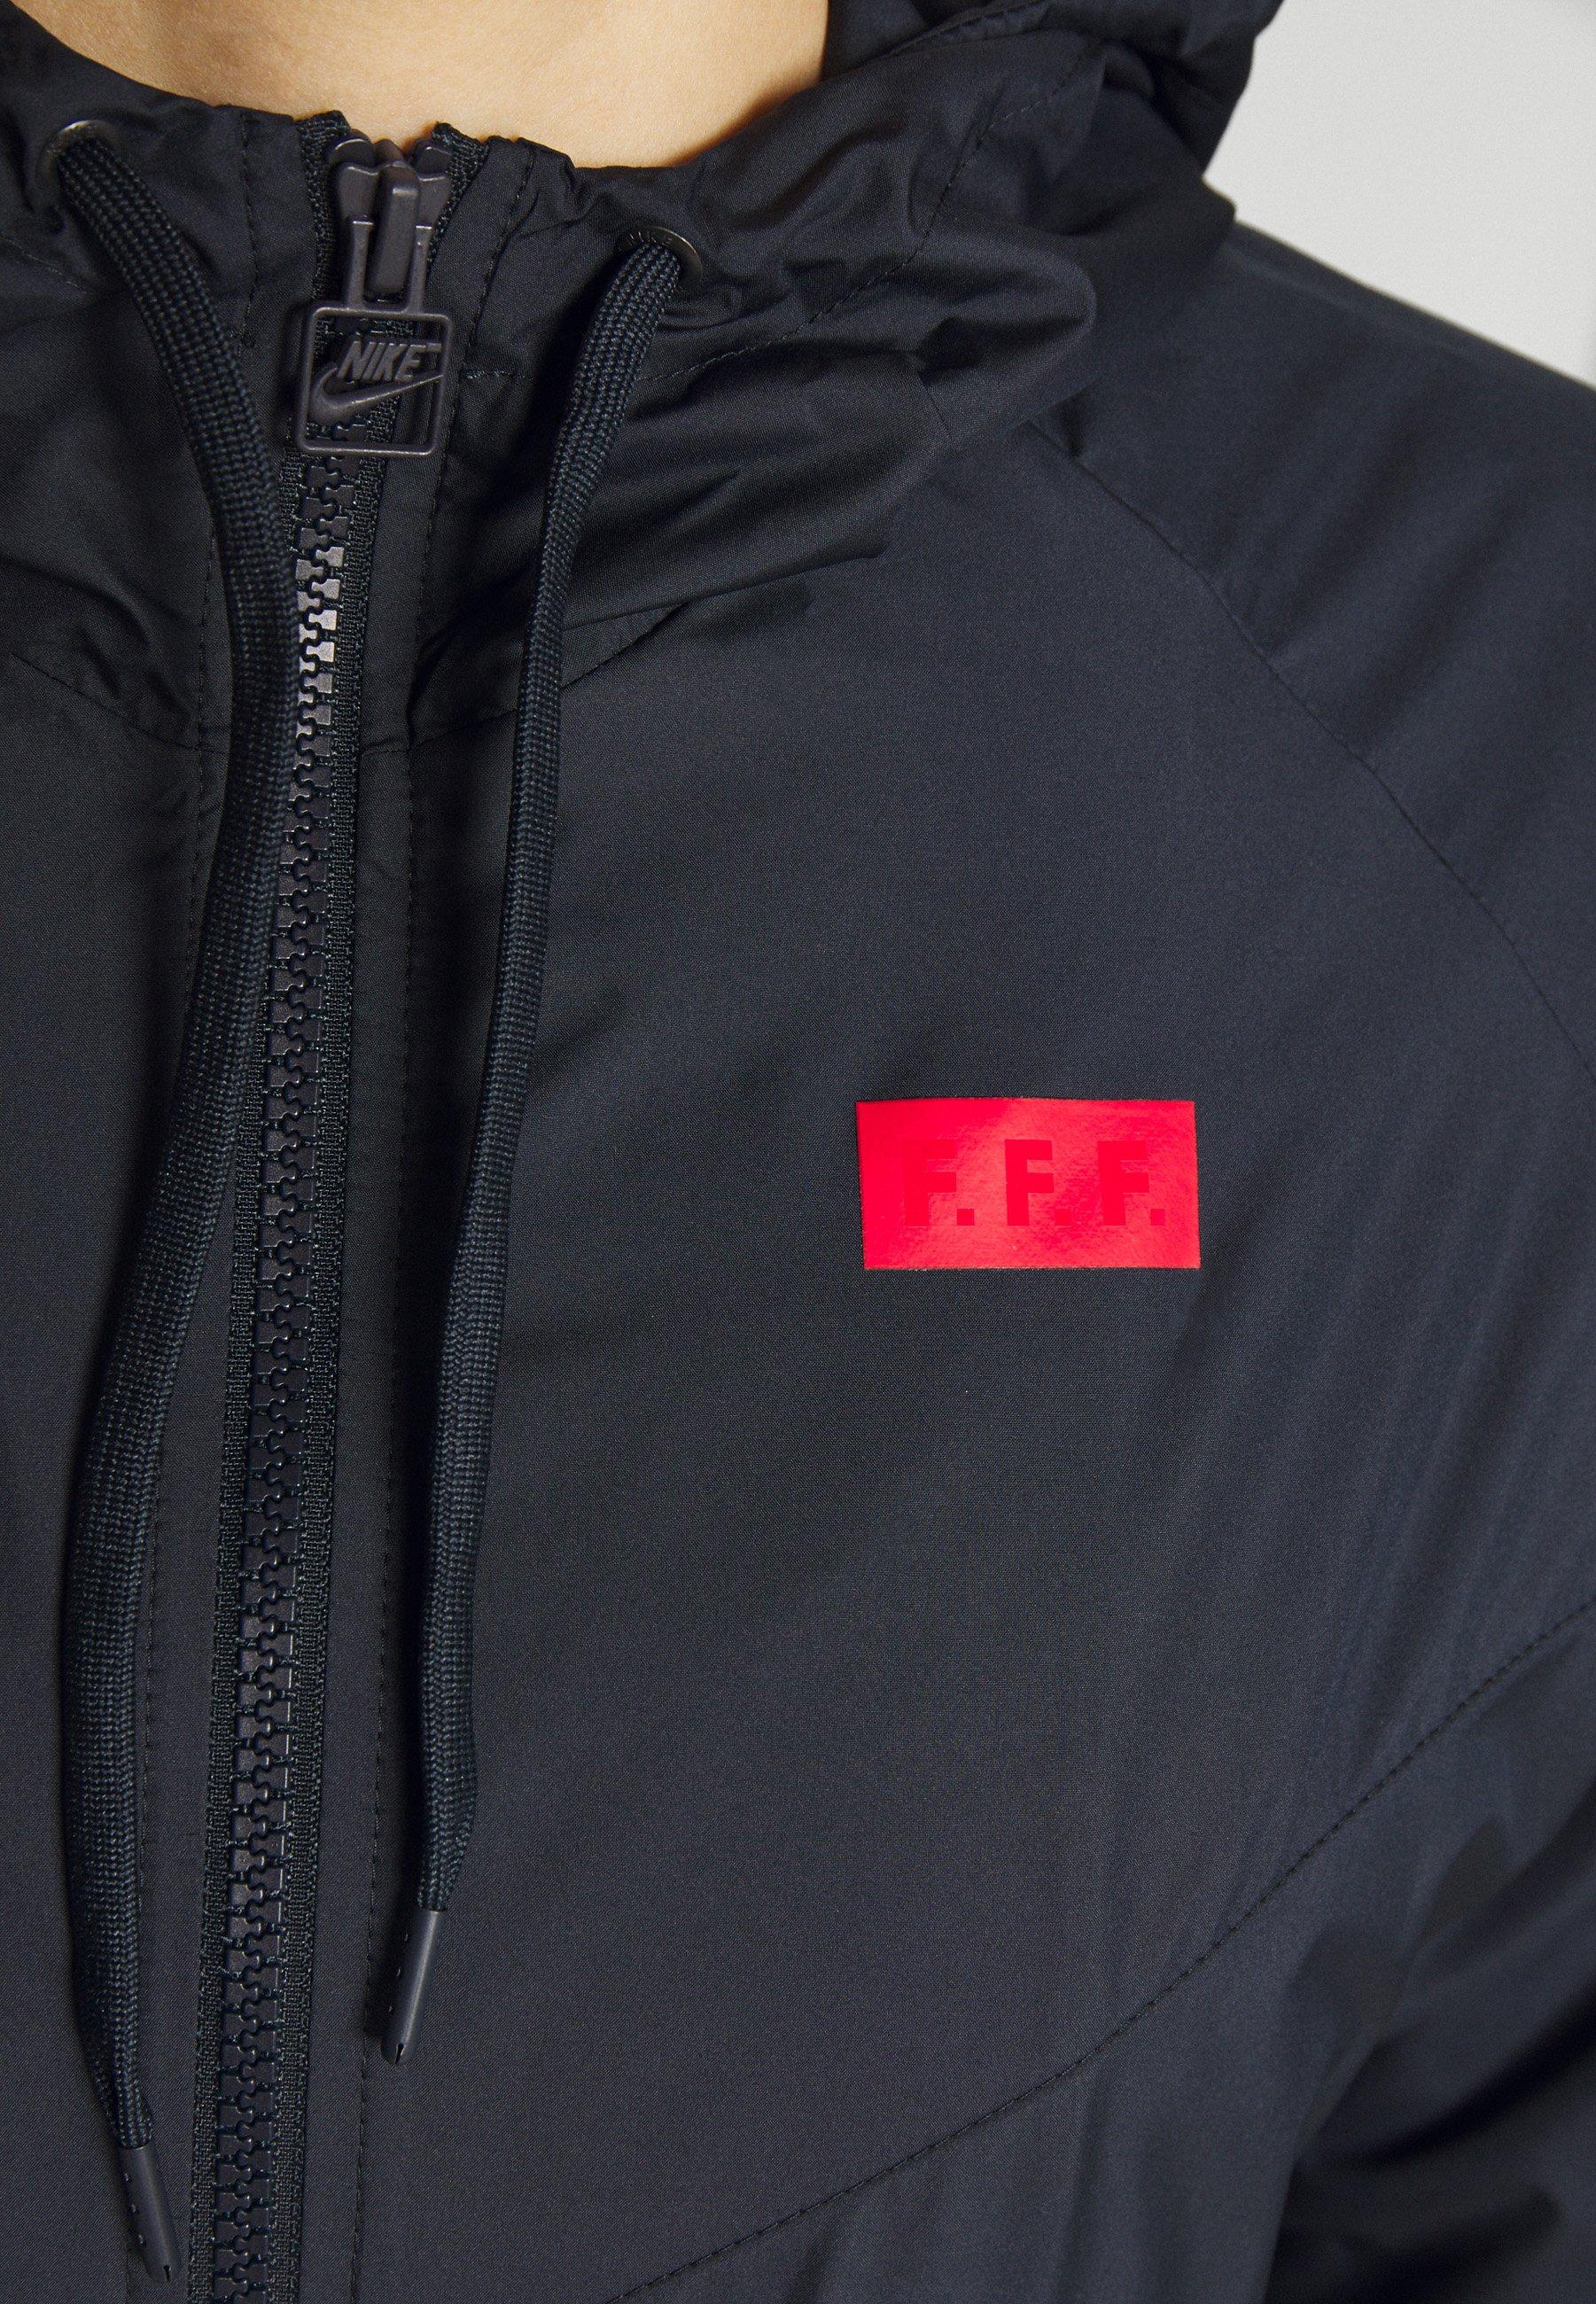 Nike Performance FRANKREICH FFF - National team wear - dark obsidian/university red Owdzc